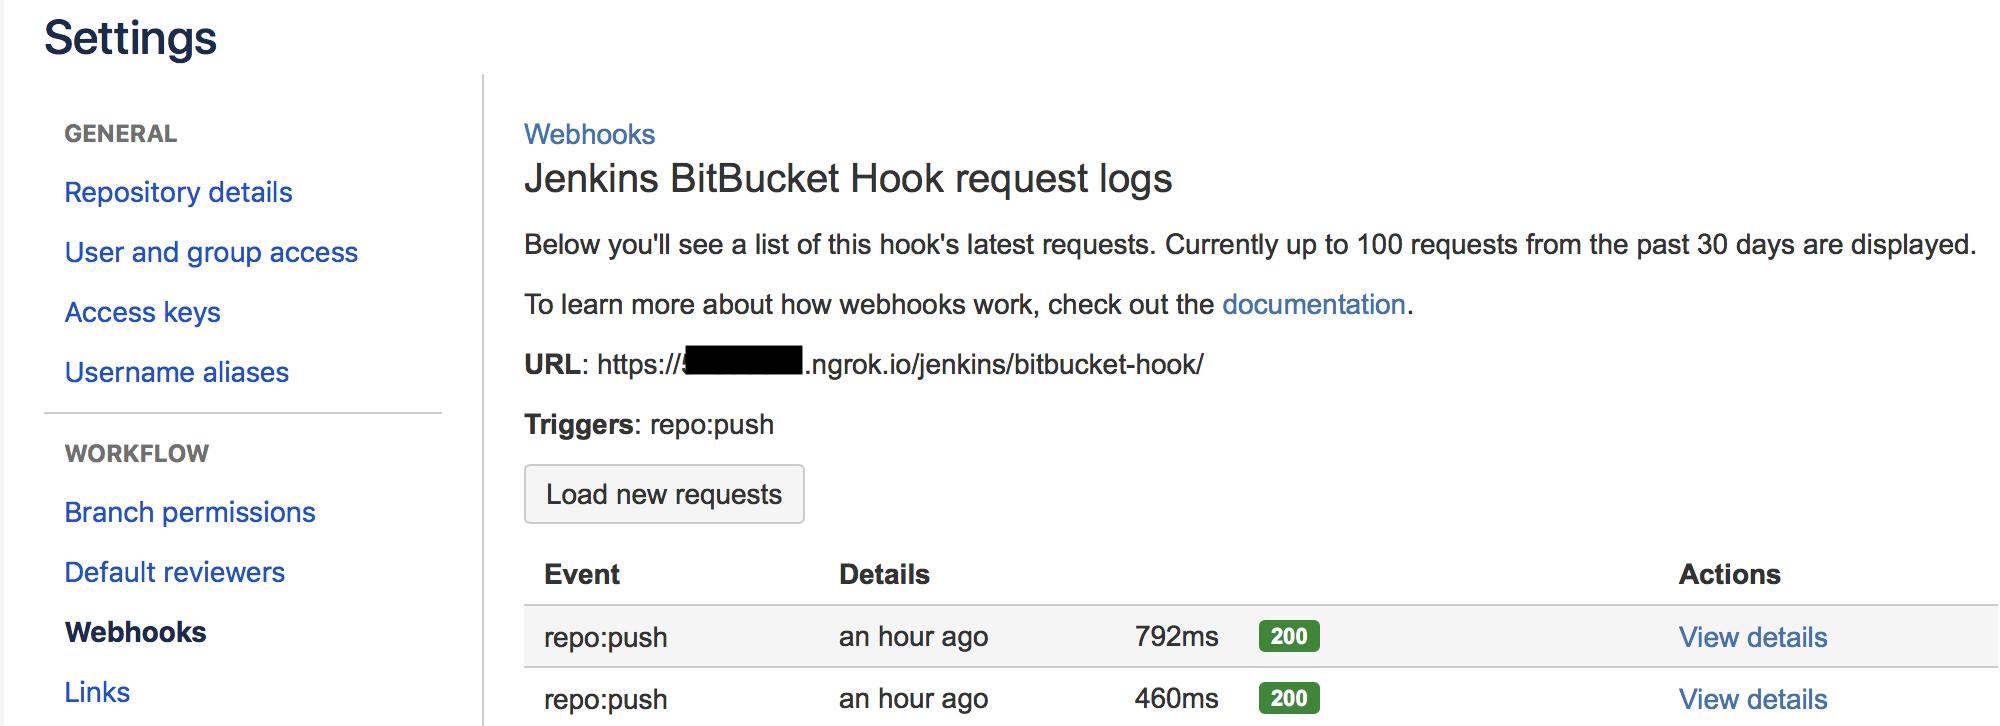 Jenkins BitBucket Webhook Successful 200 OK requests log